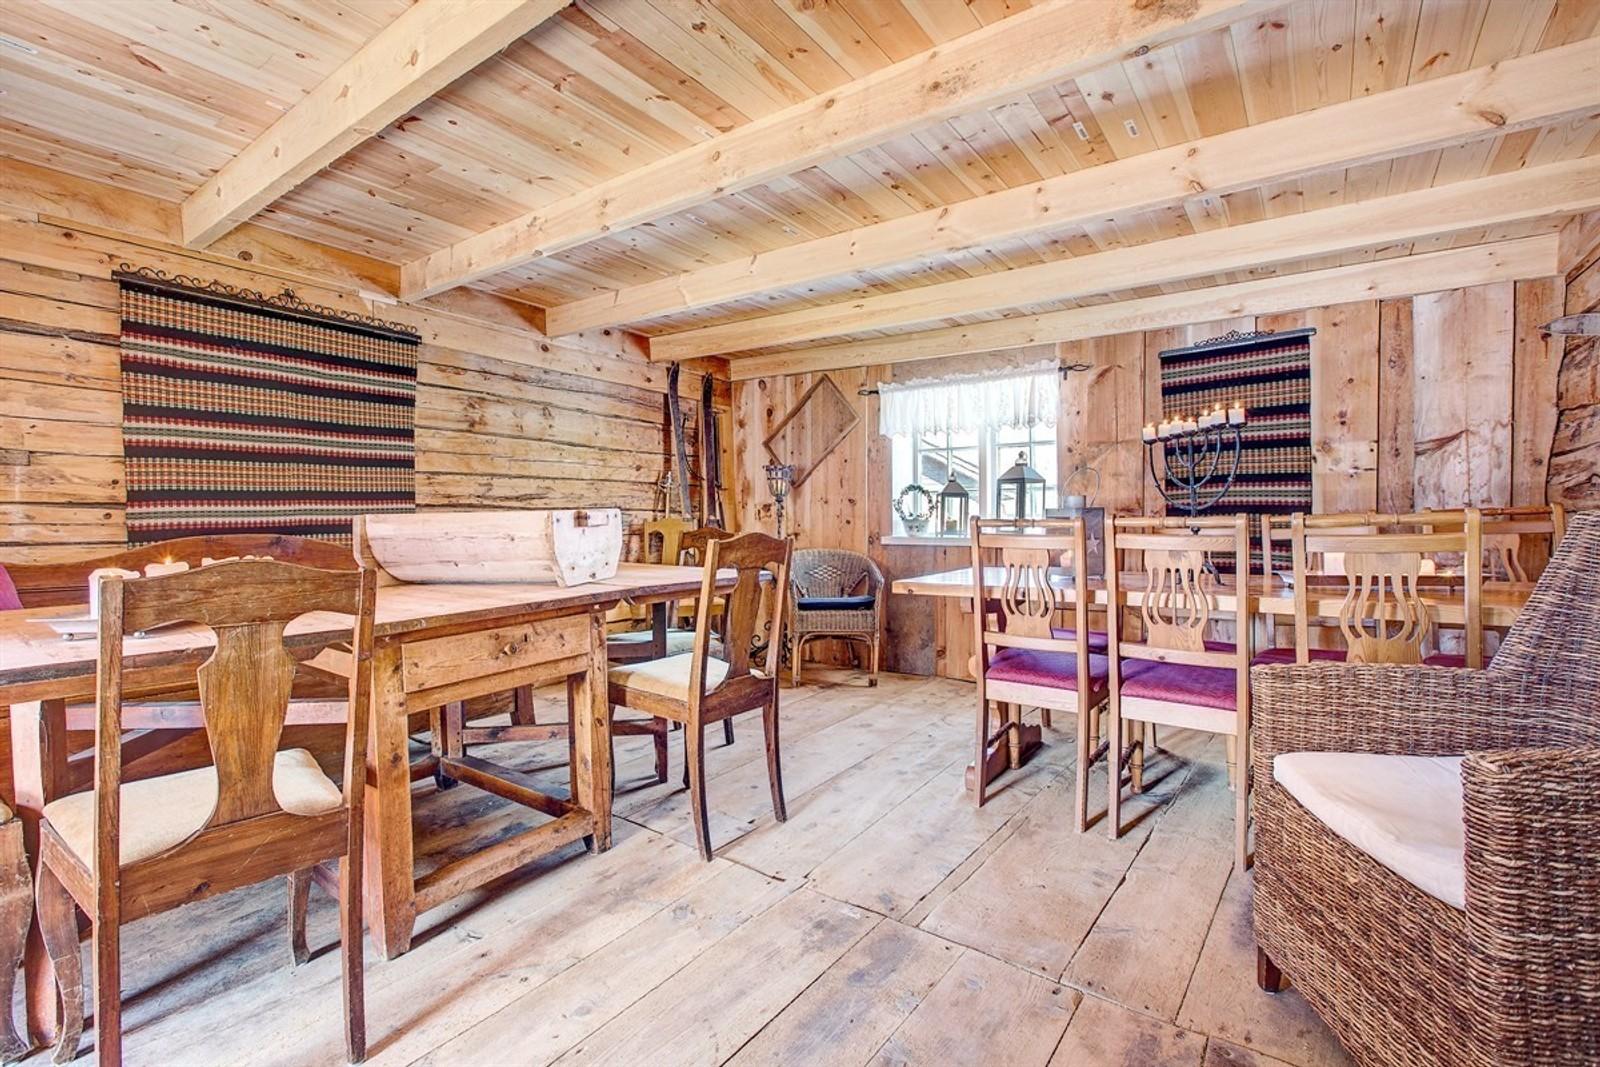 GAMALT: Den gamle sorenskrivargarden på Loftenes blei lagt ut for sal denne veka. Ifølgje eigedomsmeklaren er det mange som har vore interessert i den spesielle bustaden.